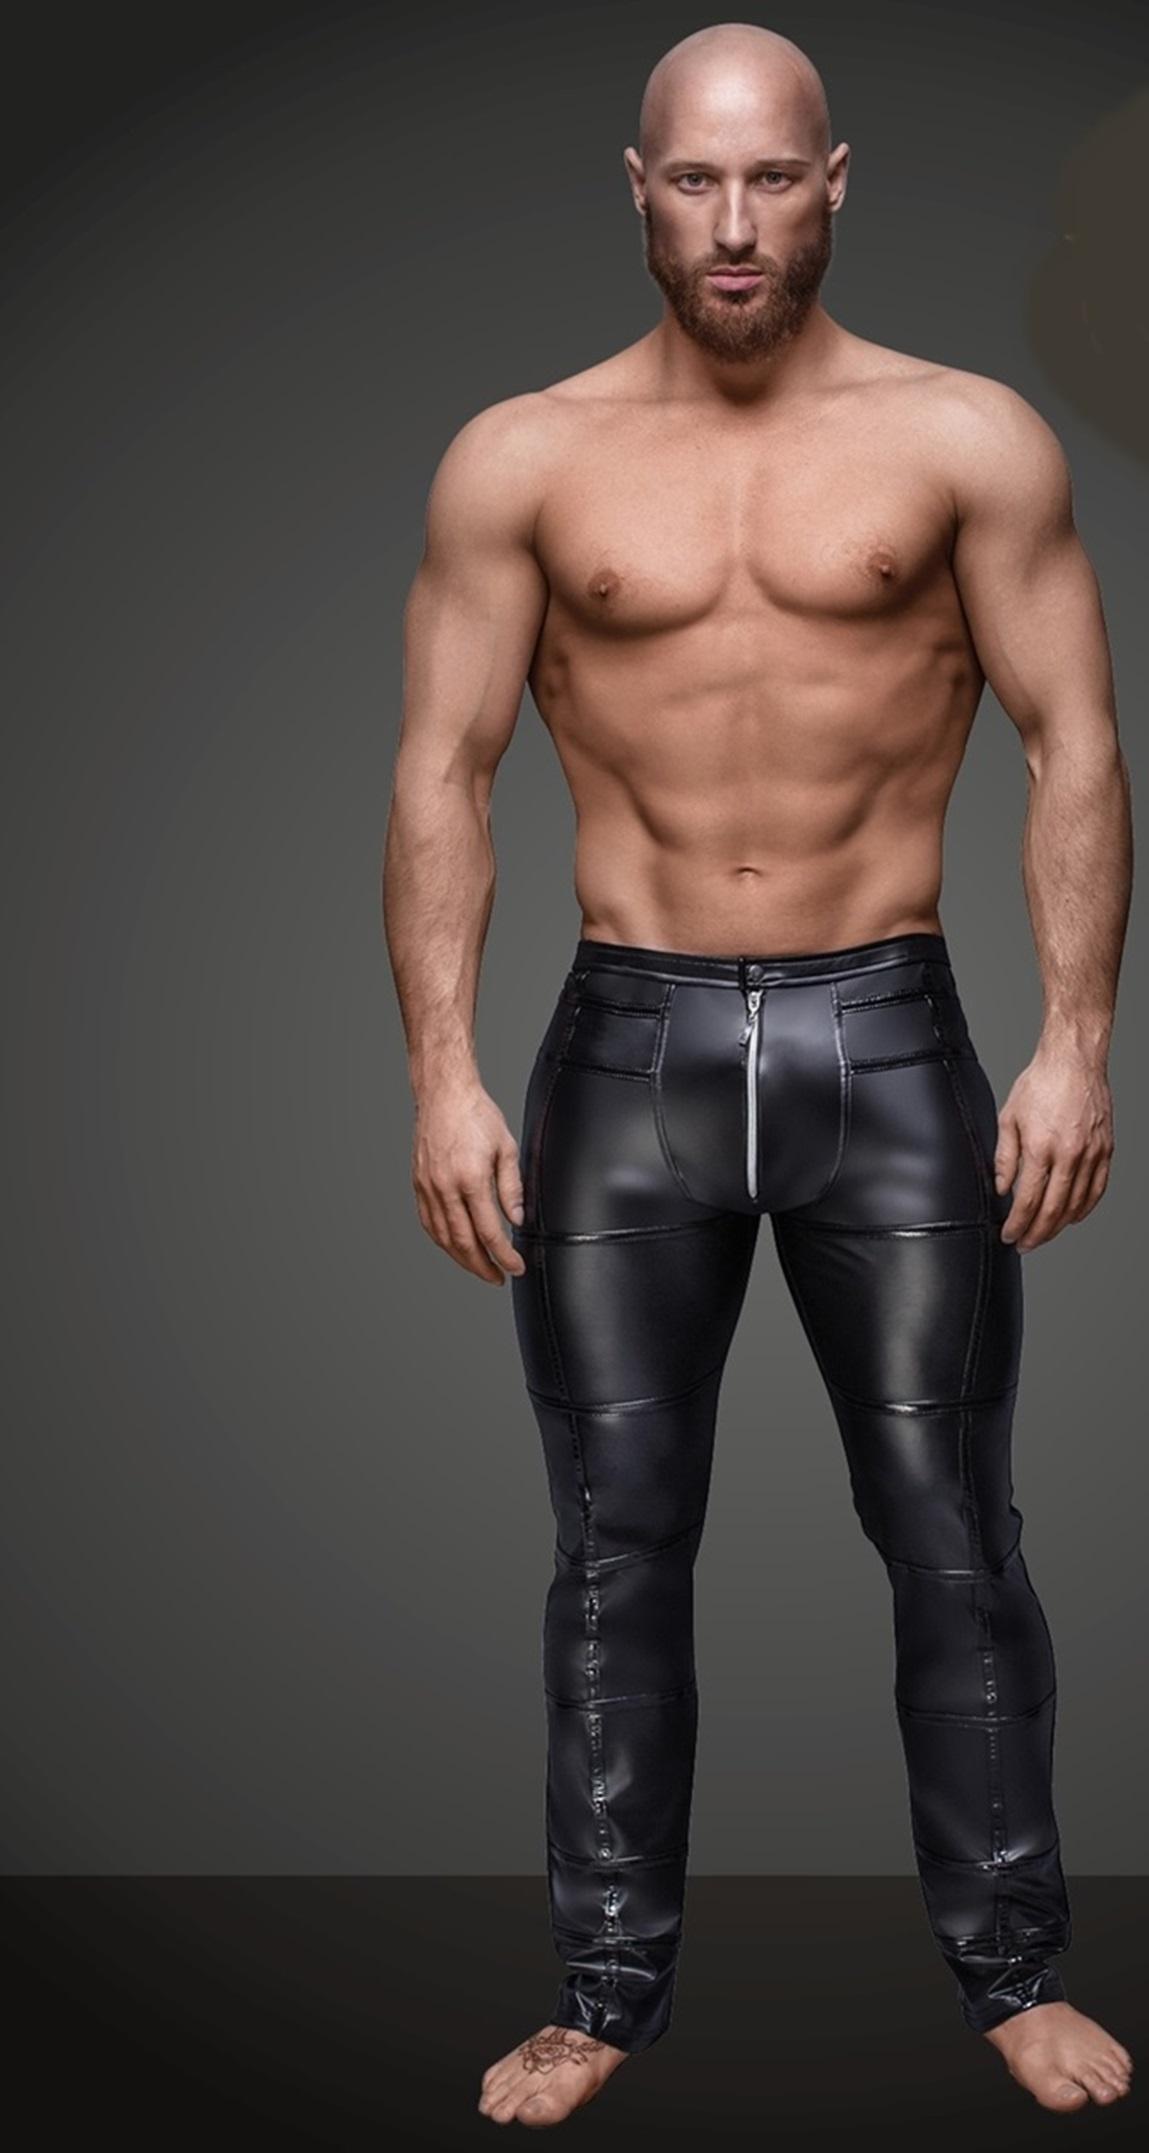 H021 Schwarze lange Hose von Noir Handmade